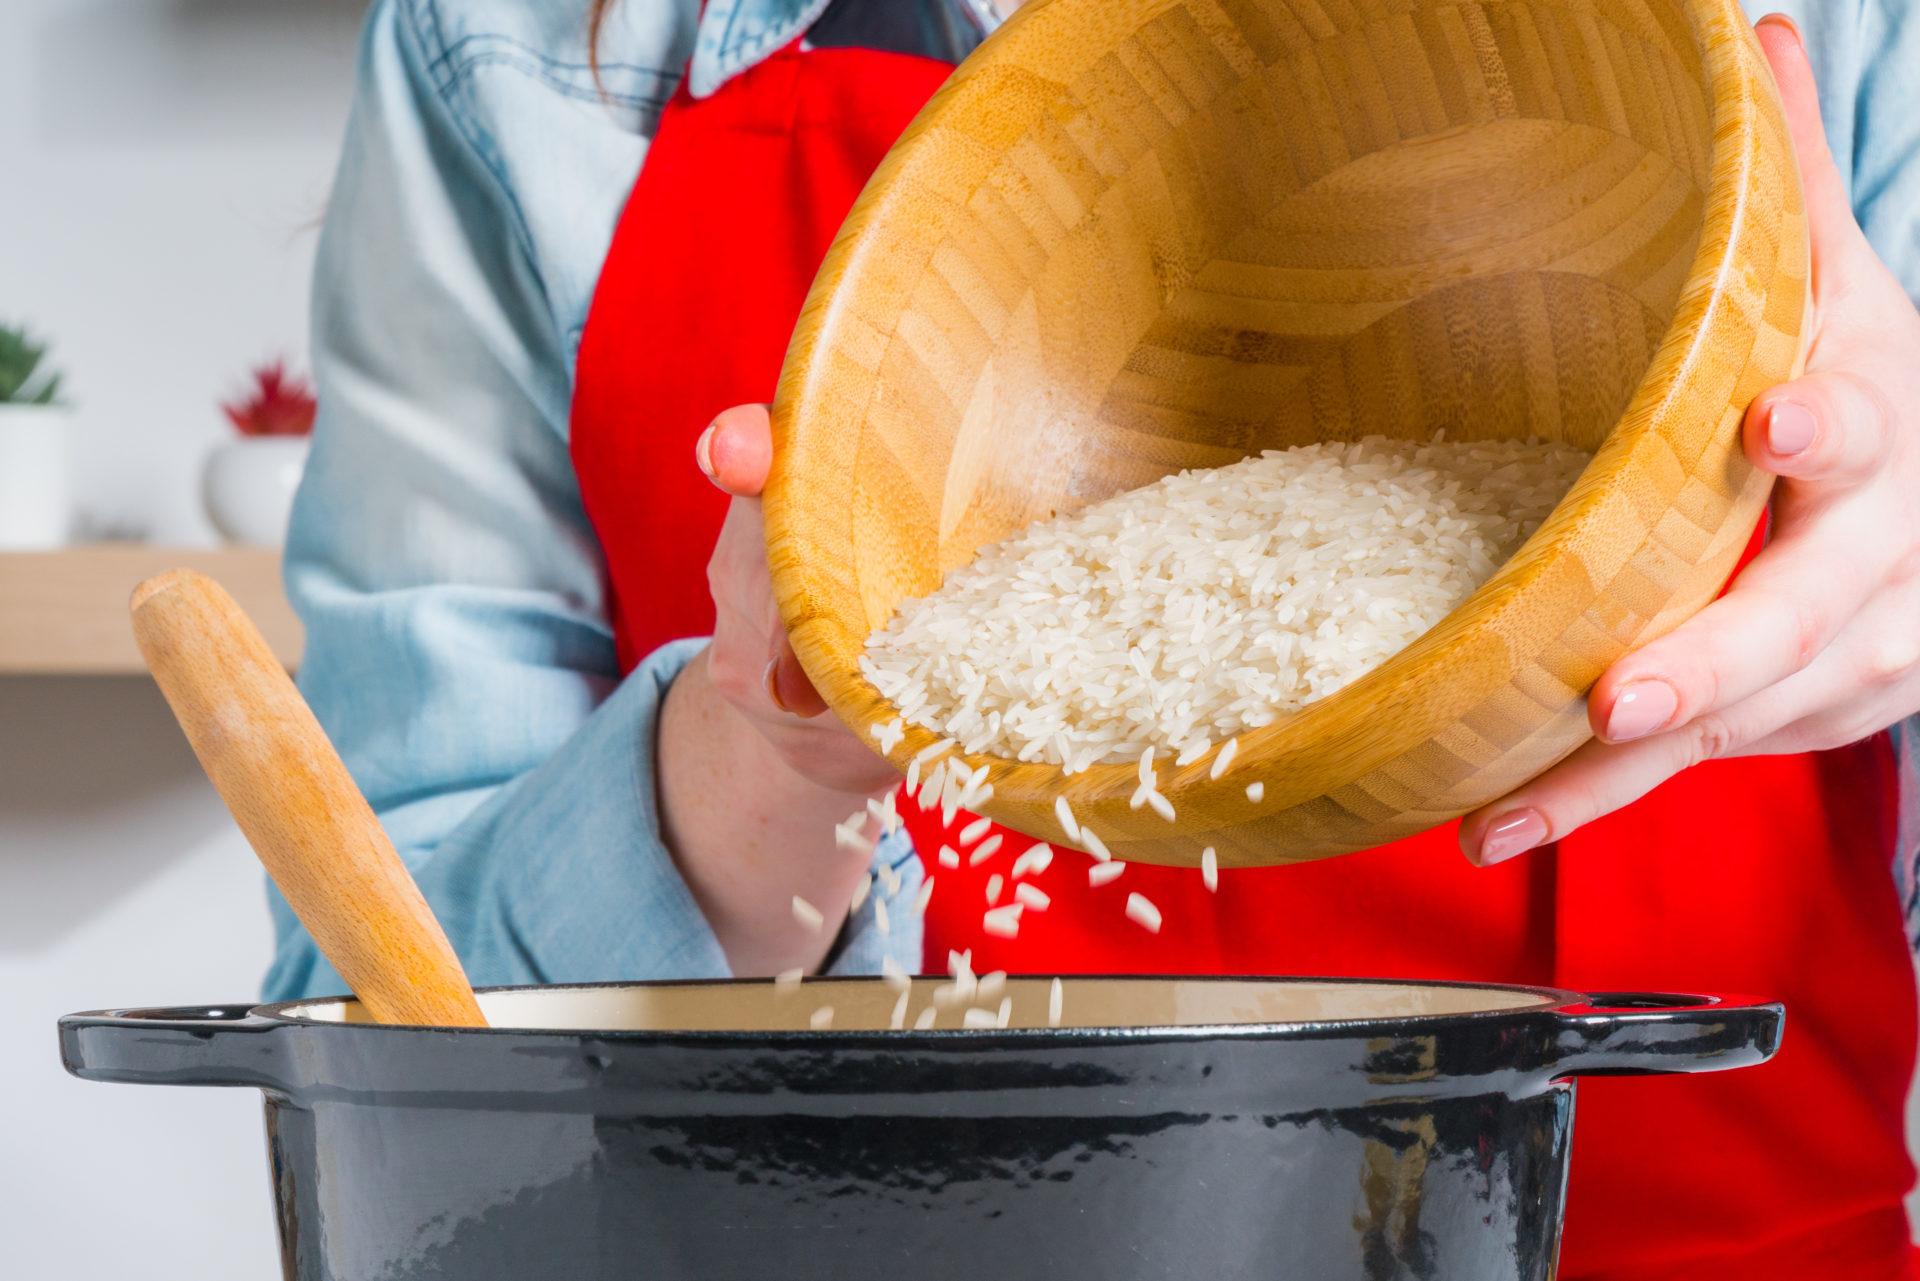 Adição do arroz agulha cigala ao tacho